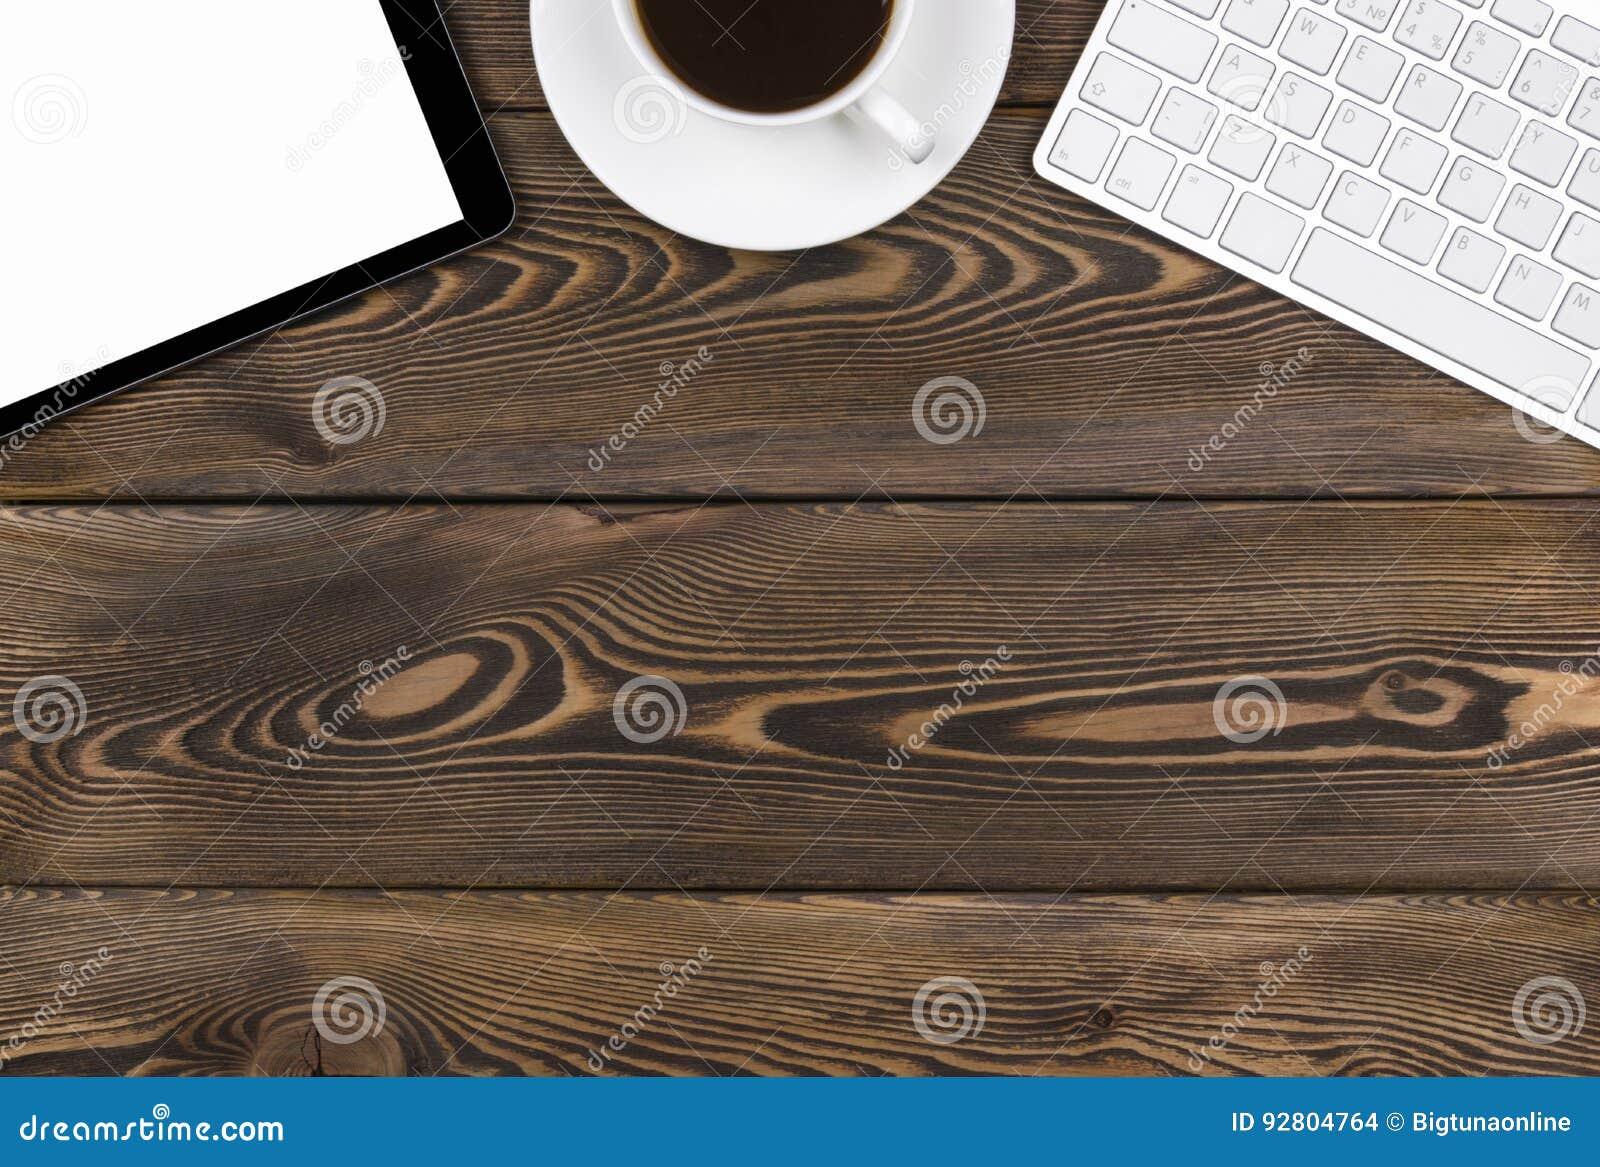 Bureau avec l espace de copie Dispositifs de Digital clavier, souris et tablette sans fil avec l écran vide sur la table en bois